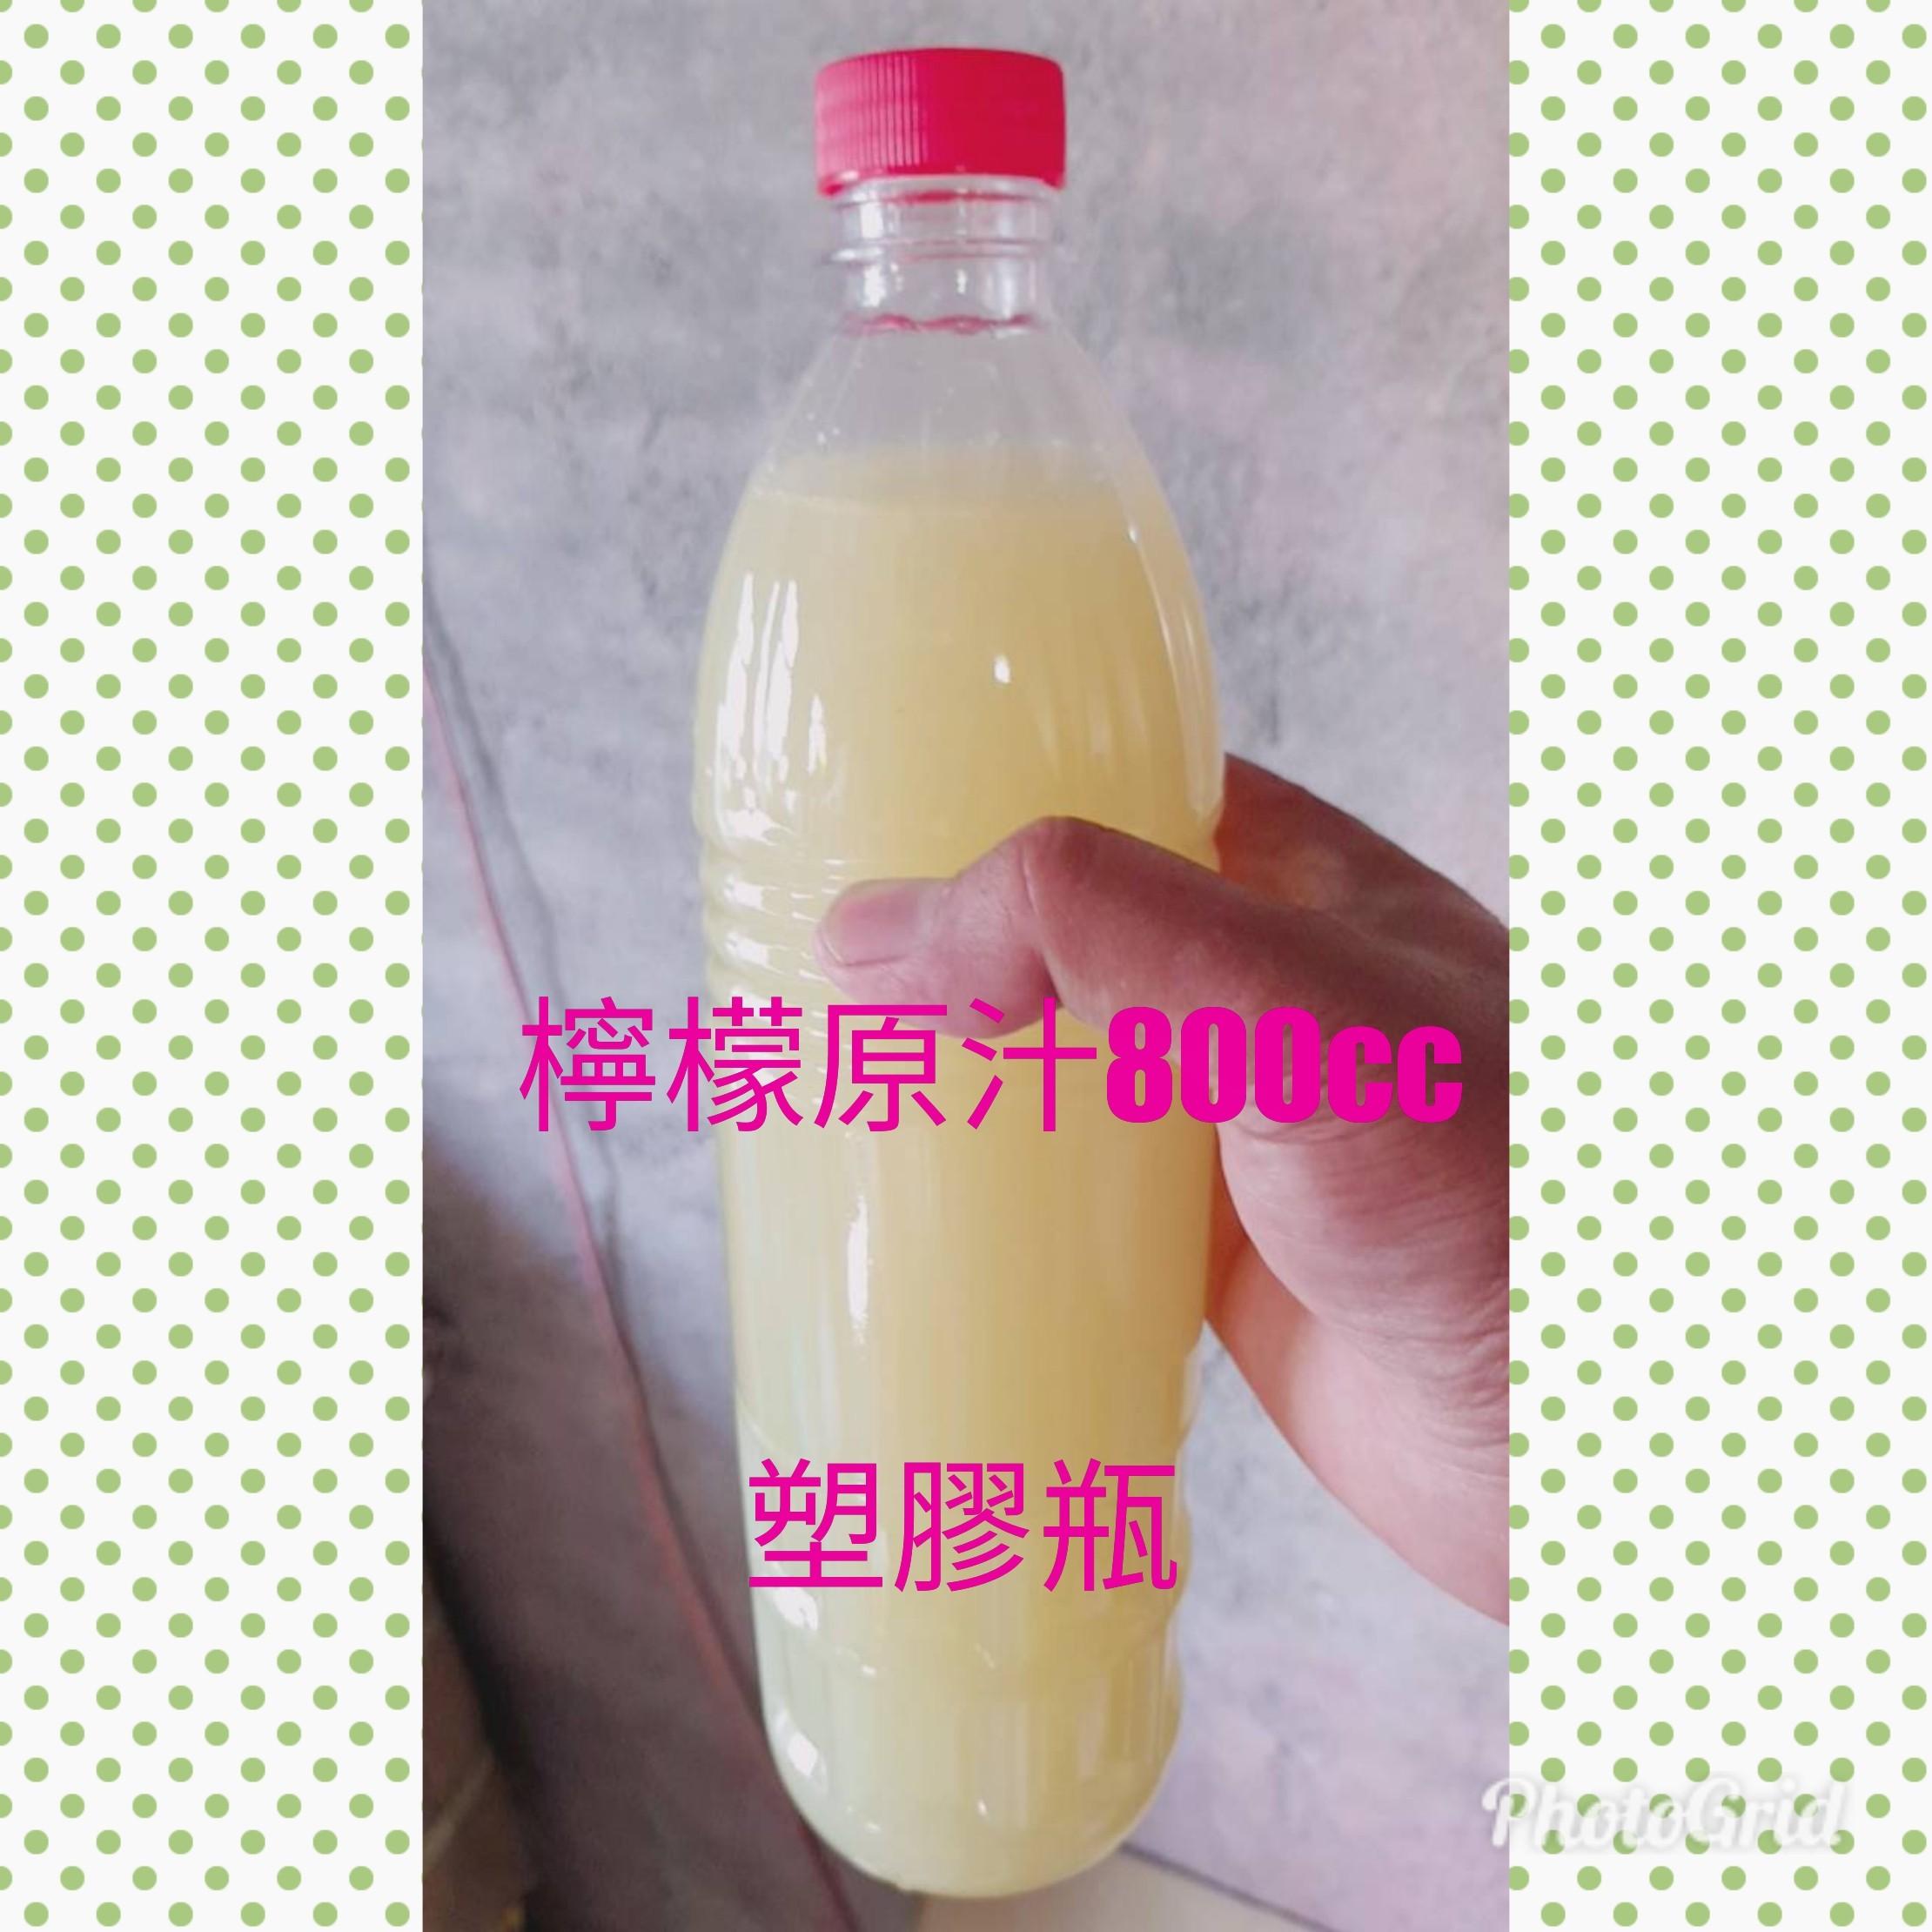 8月份特價無毒檸檬原汁 | 鮮檸檬汁 | 檸檬汁 | 檸檬水 | TLS全新生活800cc(15瓶)【塑膠瓶裝】結帳輸入折扣碼「IU205AQRTSRP」,在打【85】折